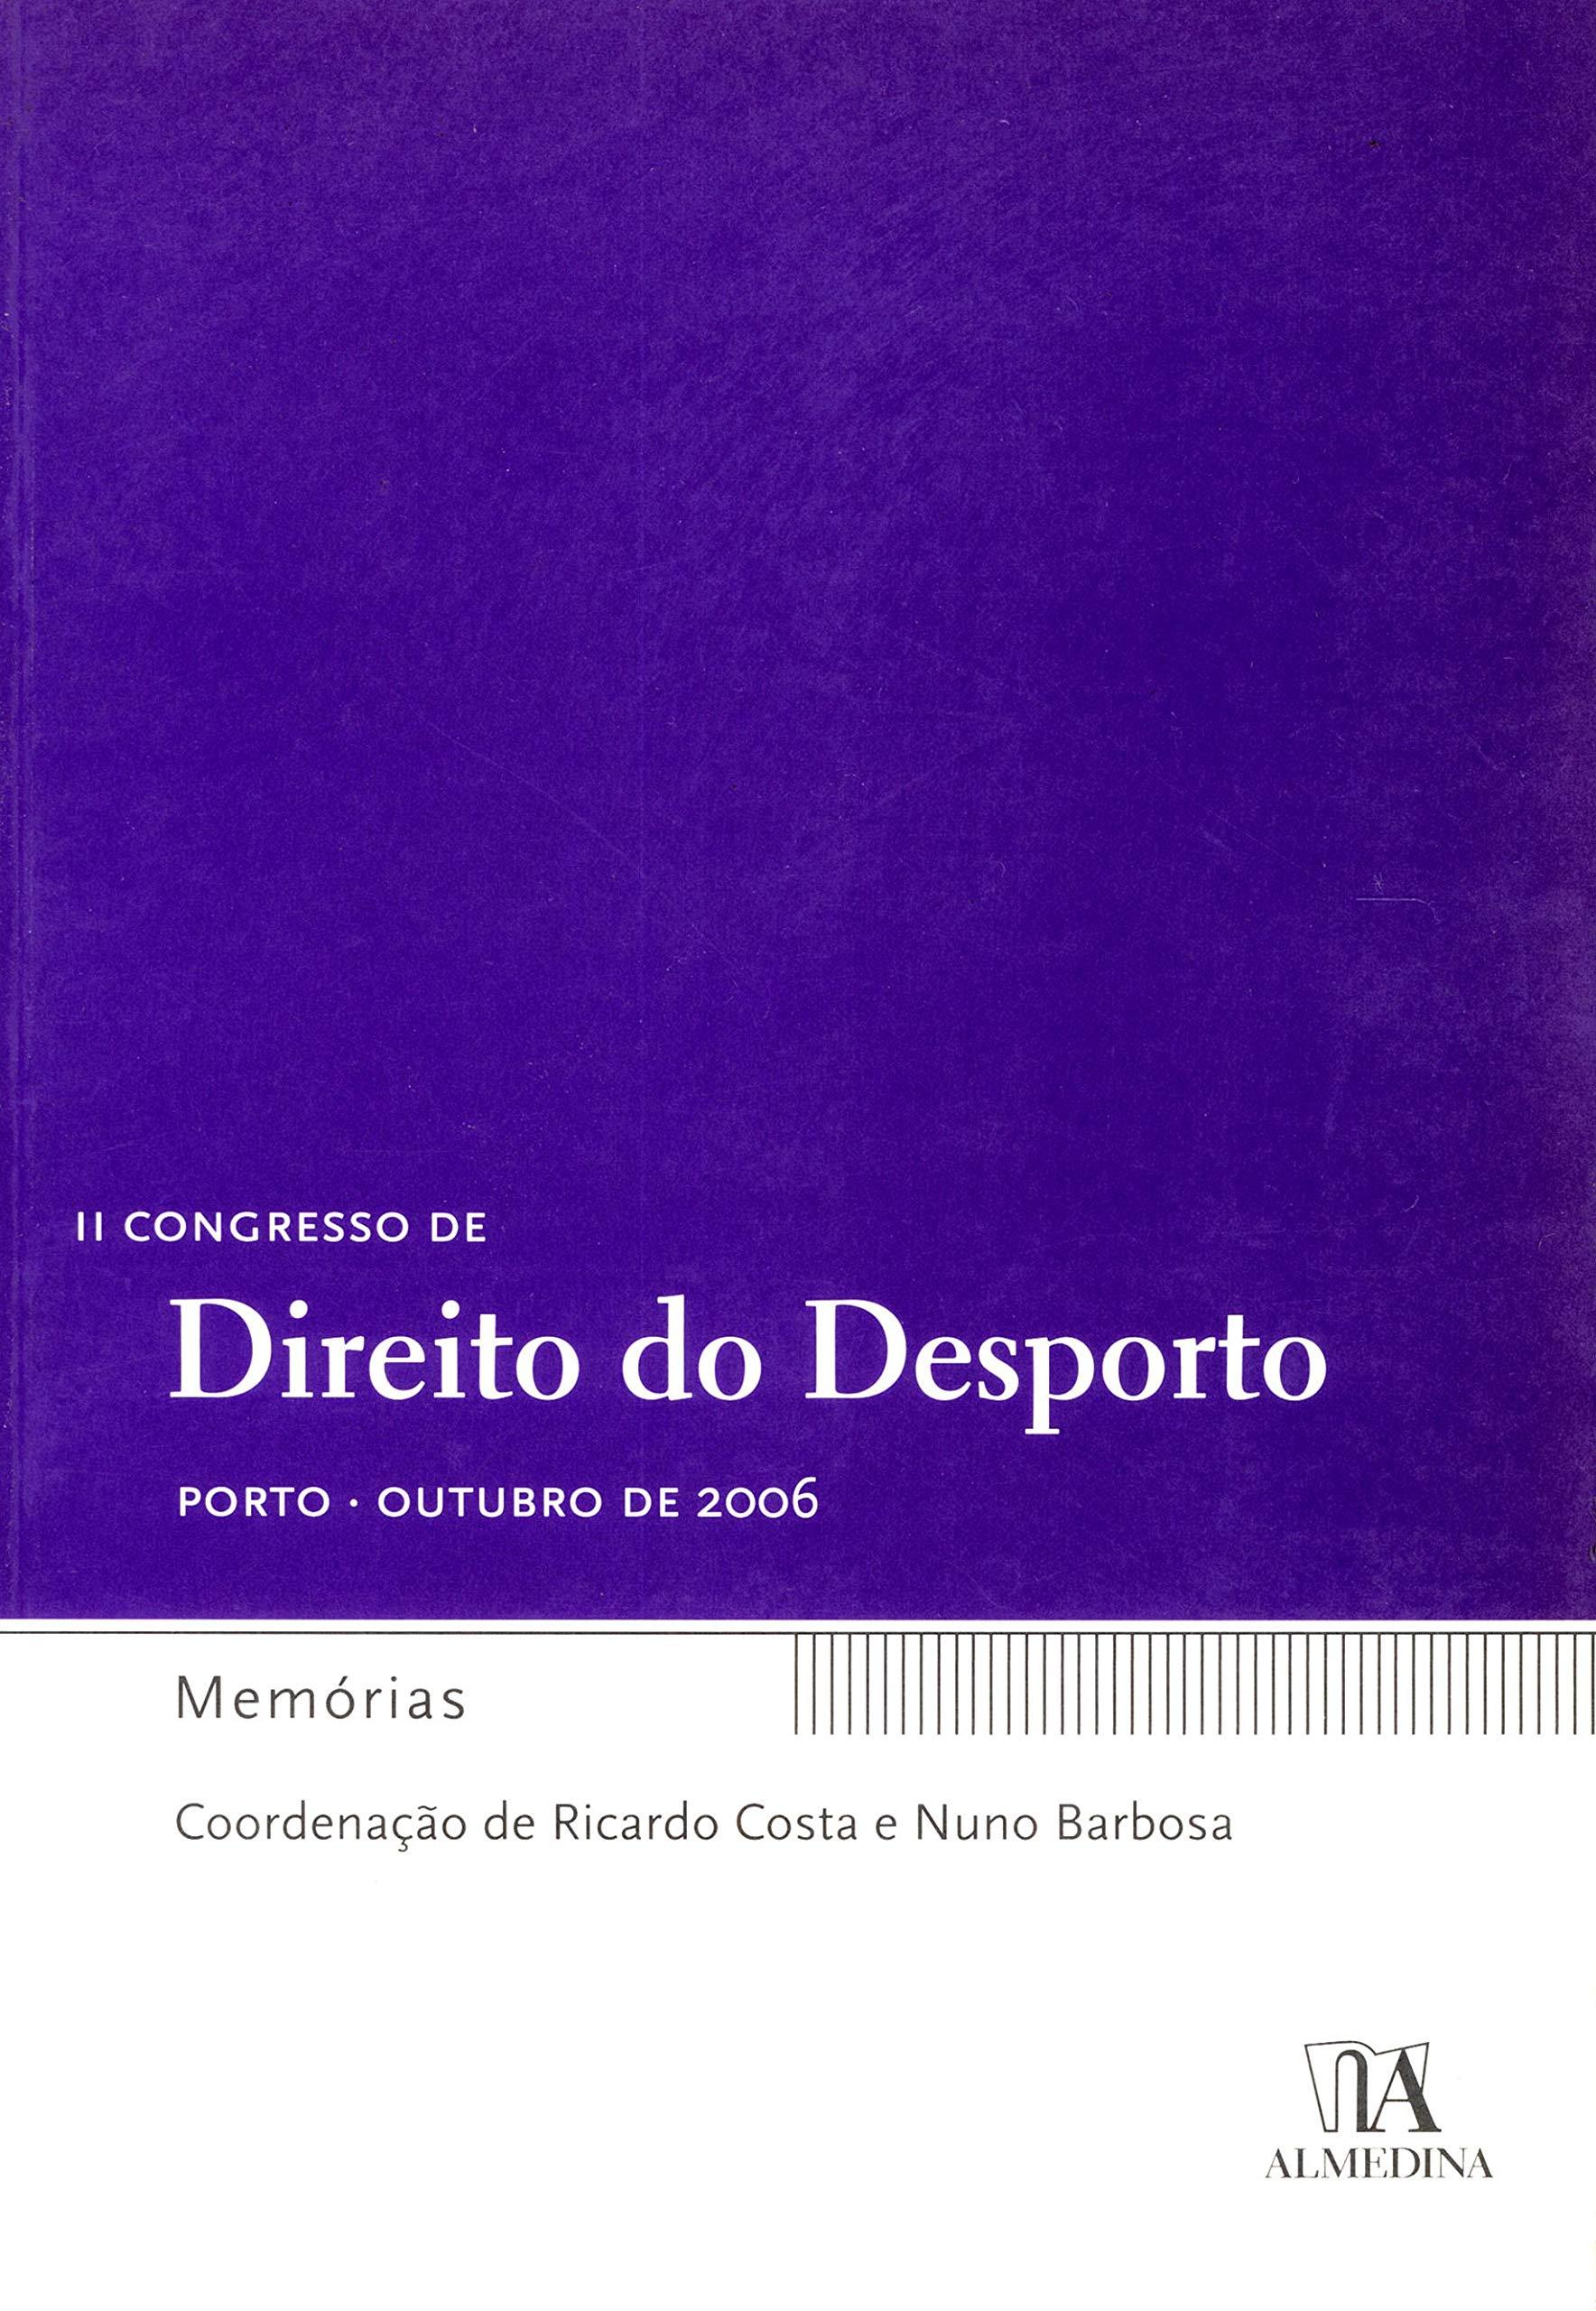 Ii Congresso De Direito Do Desporto Memorias Em Portuguese do ...